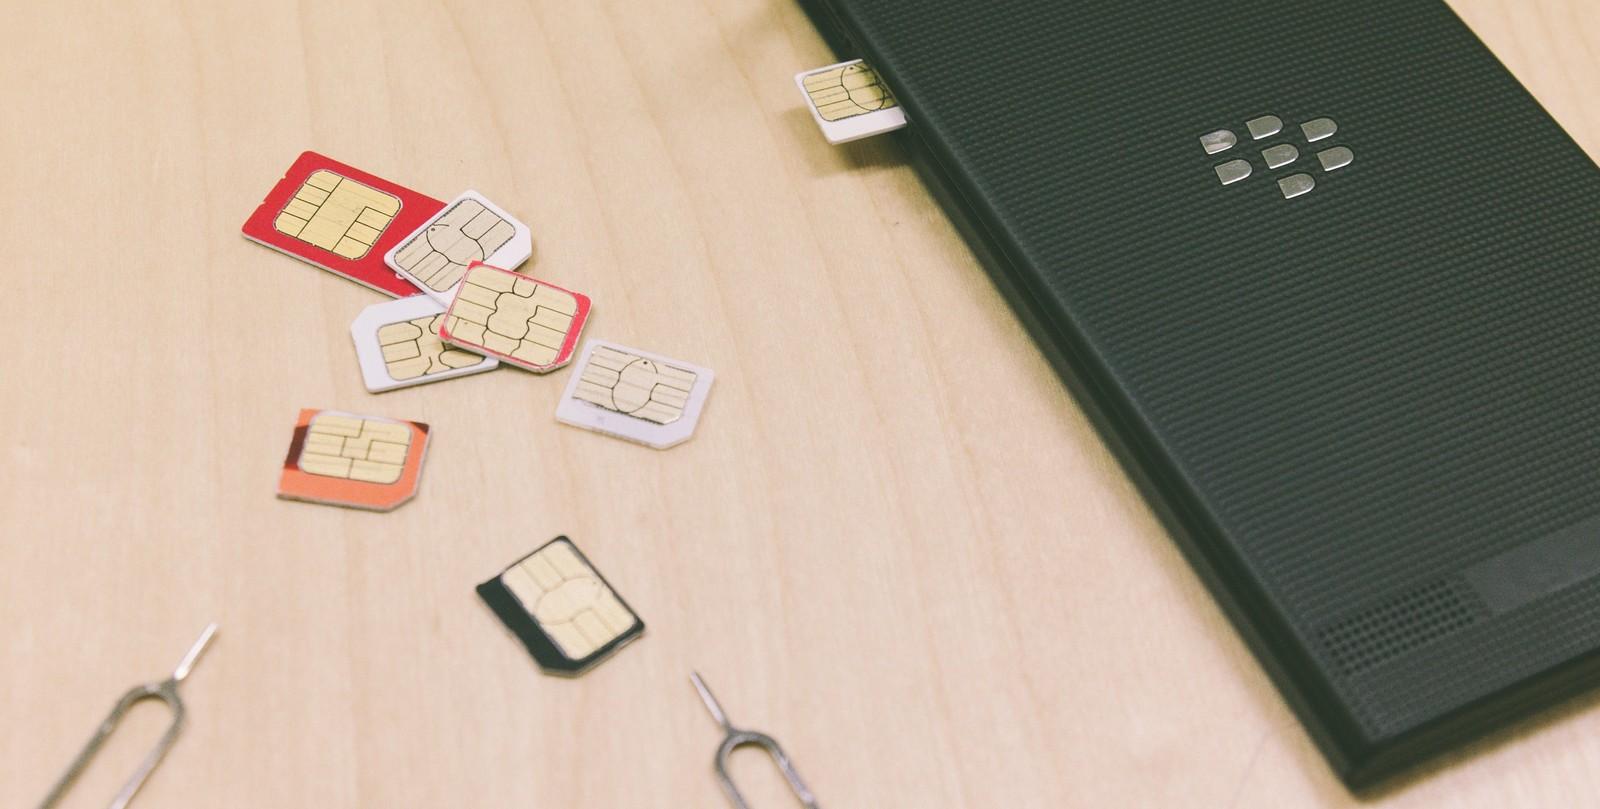 IIJmio(みおふぉん)の「通話定額オプション」を導入しました。噂の格安SIMで通話料を携帯料金を節約しよう!